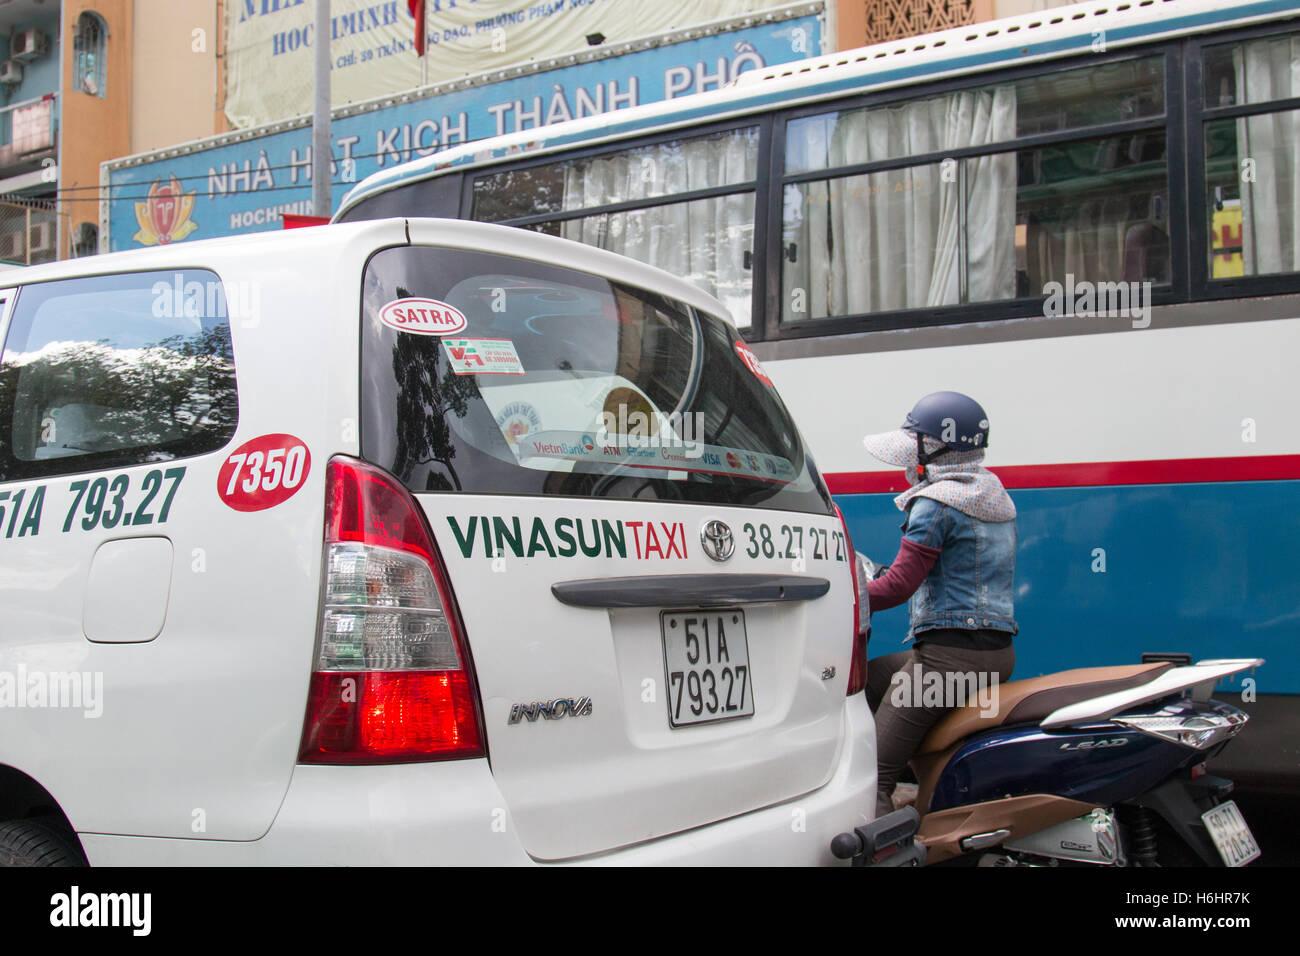 Divers modes de transport à Saigon, bus, taxi et scooter, Vietnam,Asia Photo Stock